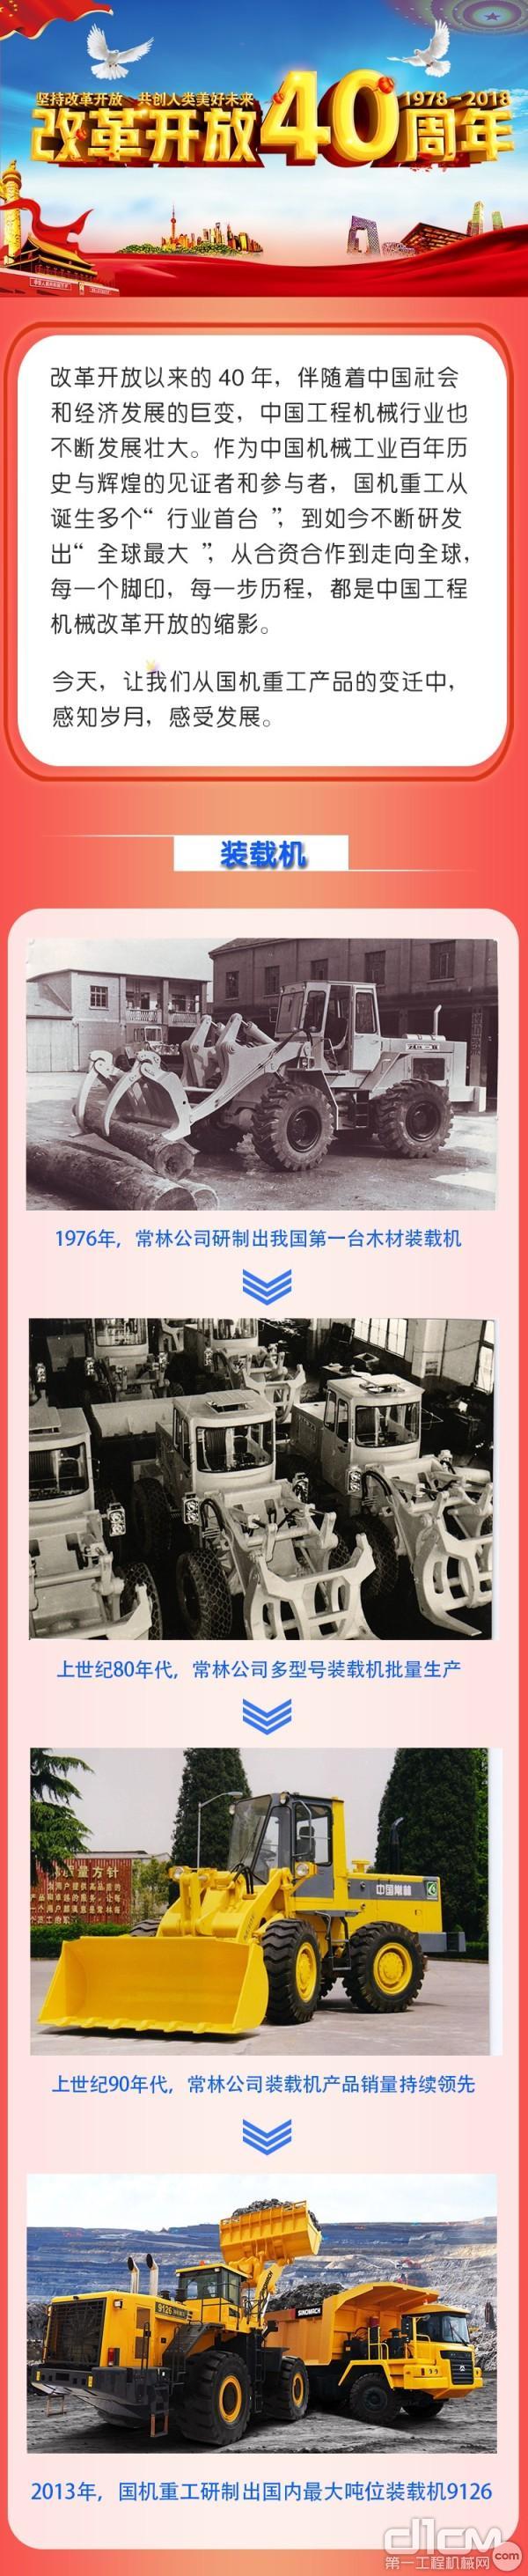 国机重工改革开放